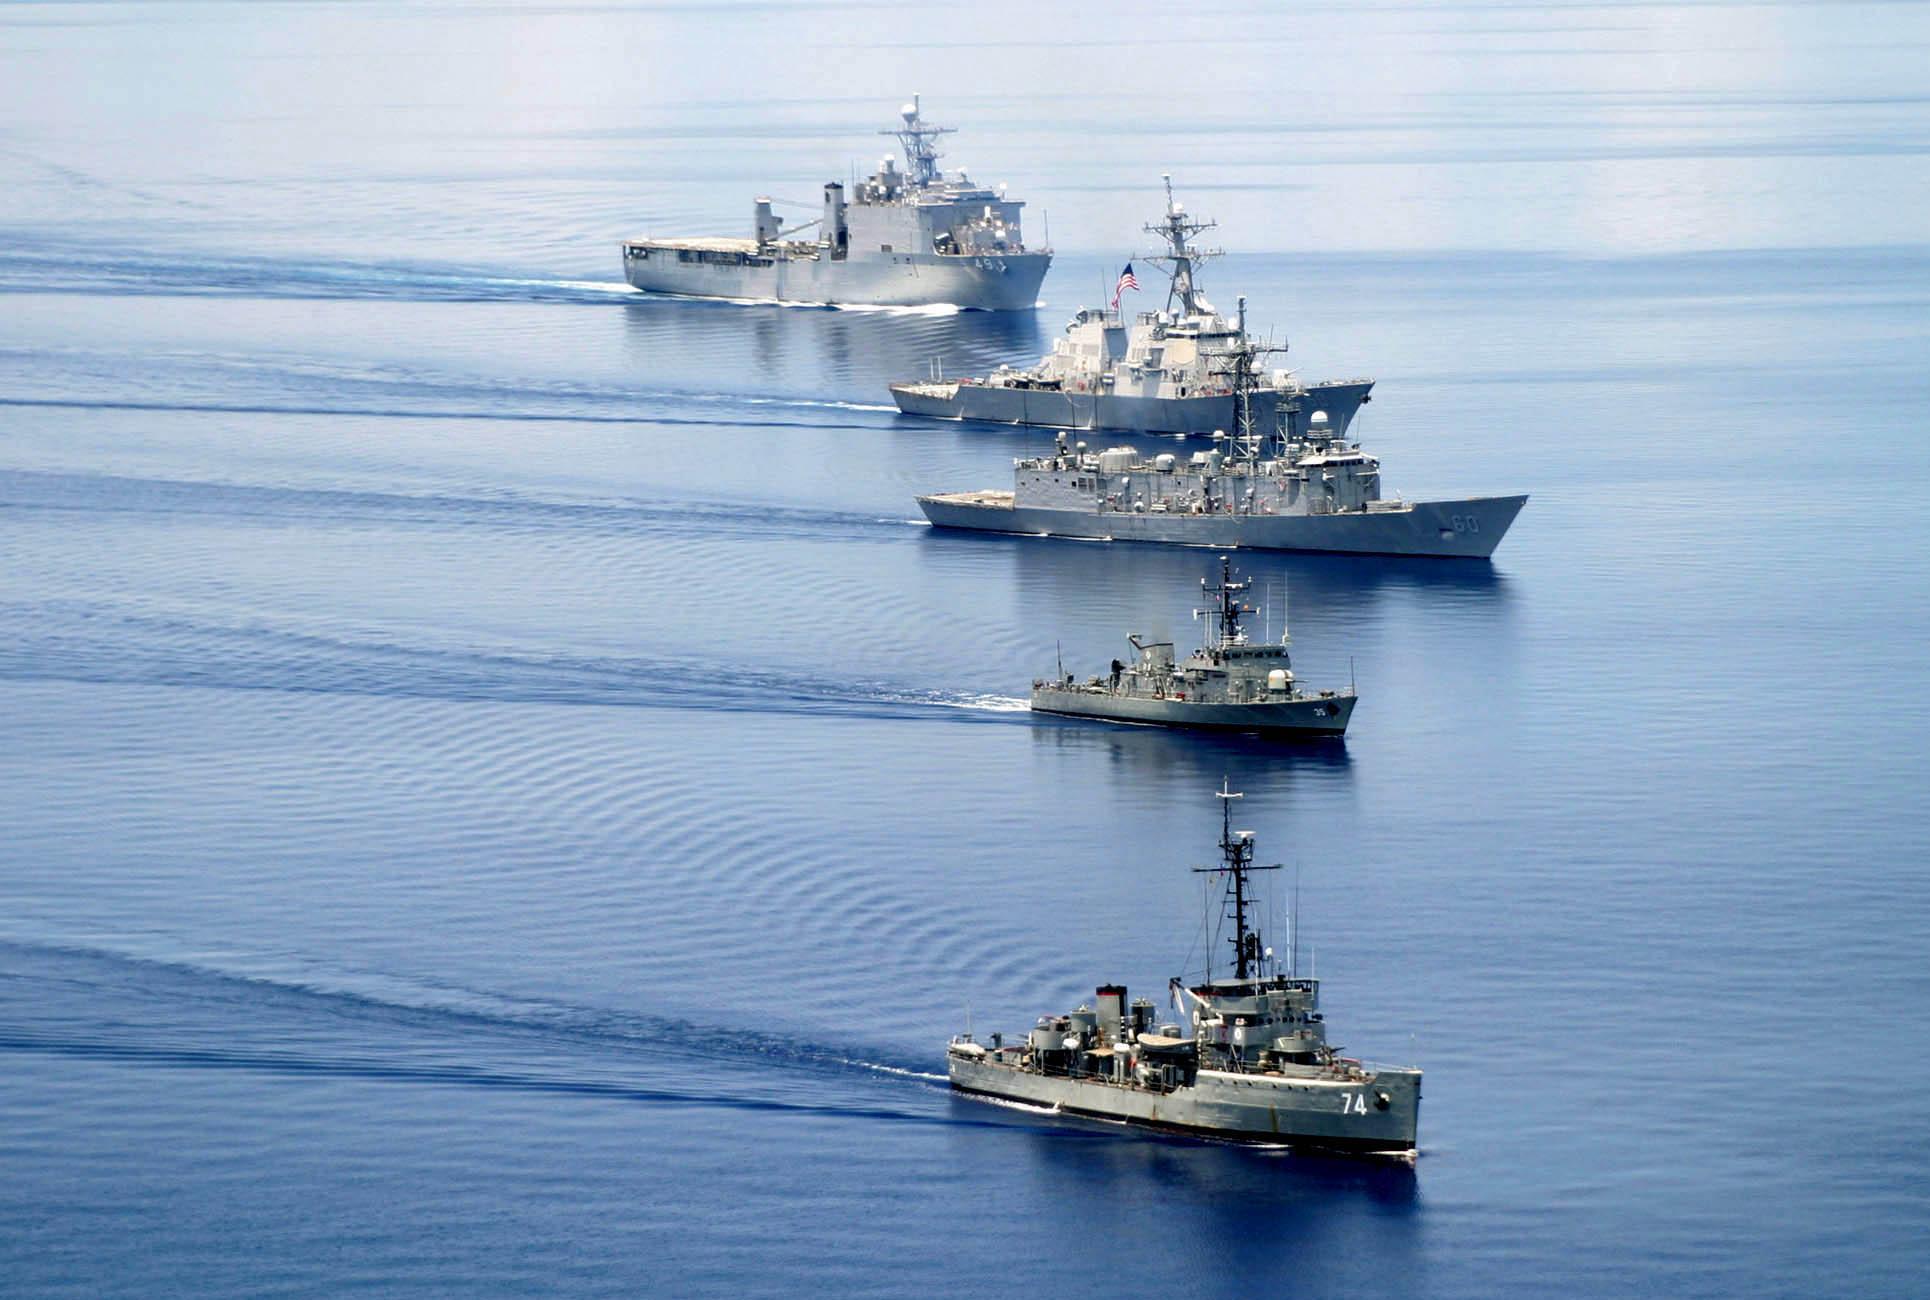 南海岛礁争端的各方中 中国是最不怵实际动手的